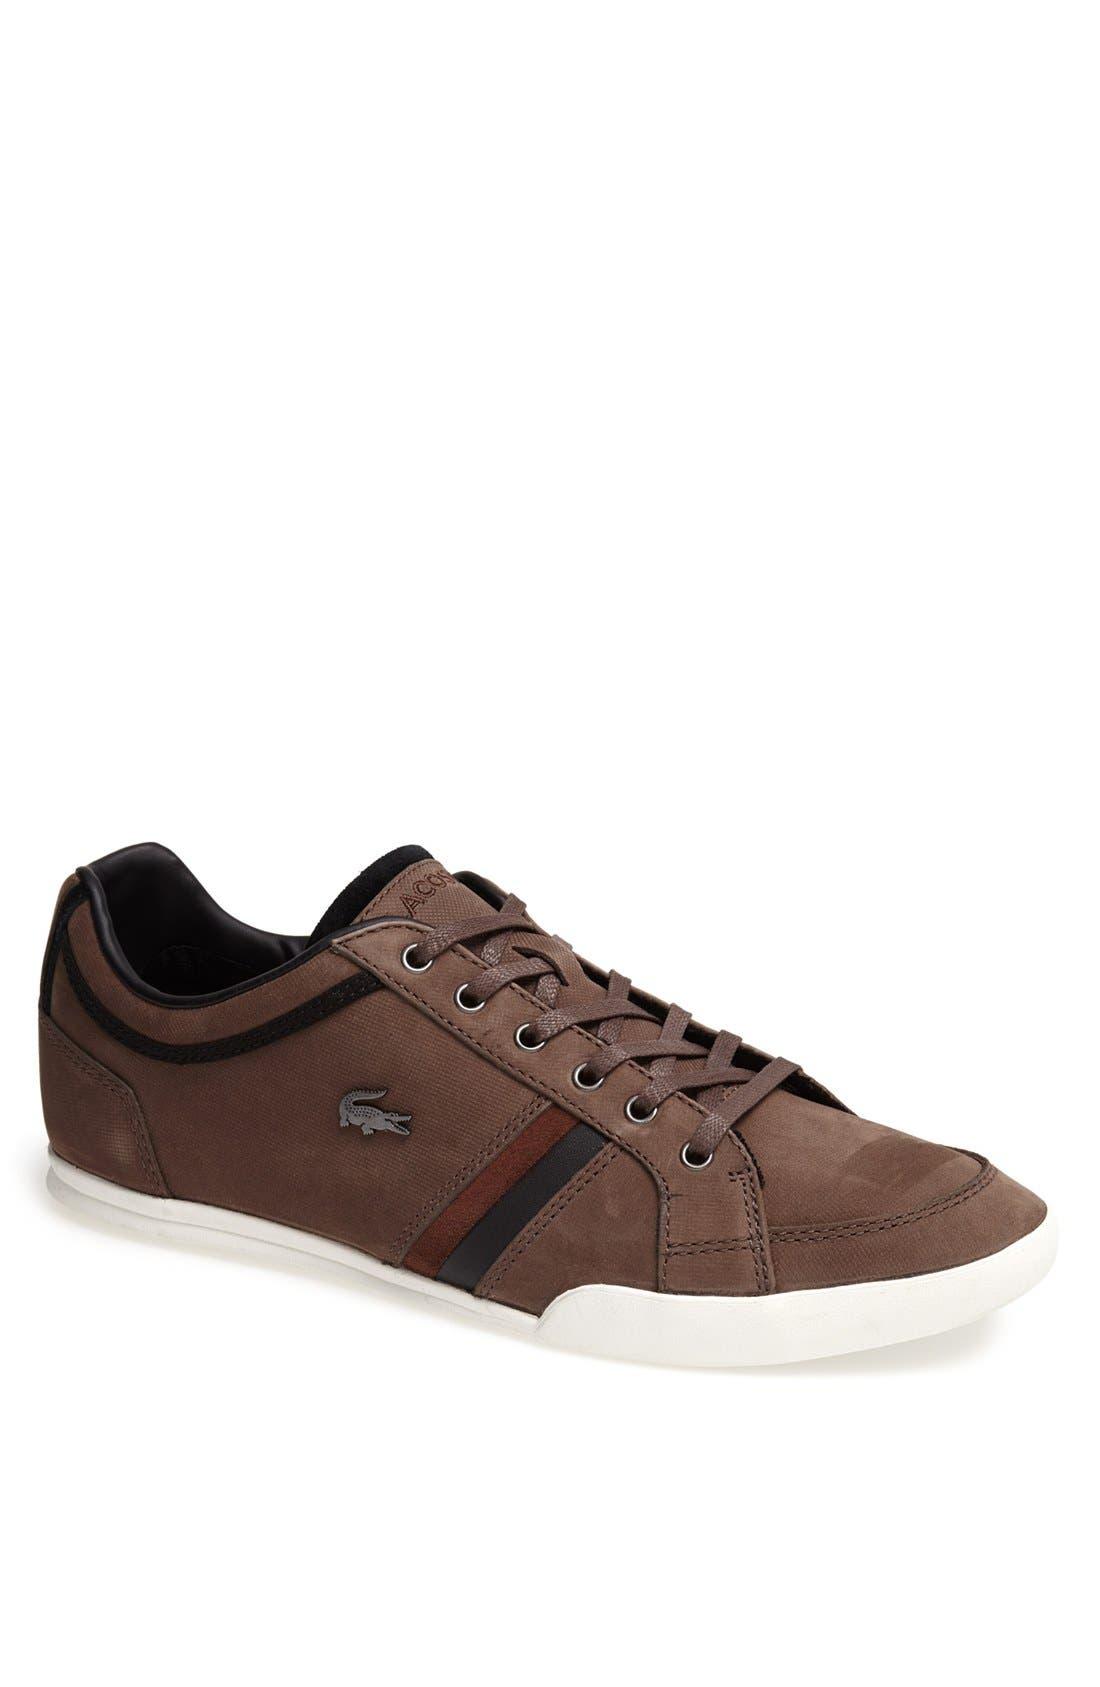 Alternate Image 1 Selected - Lacoste 'Rayford 4' Sneaker (Men)